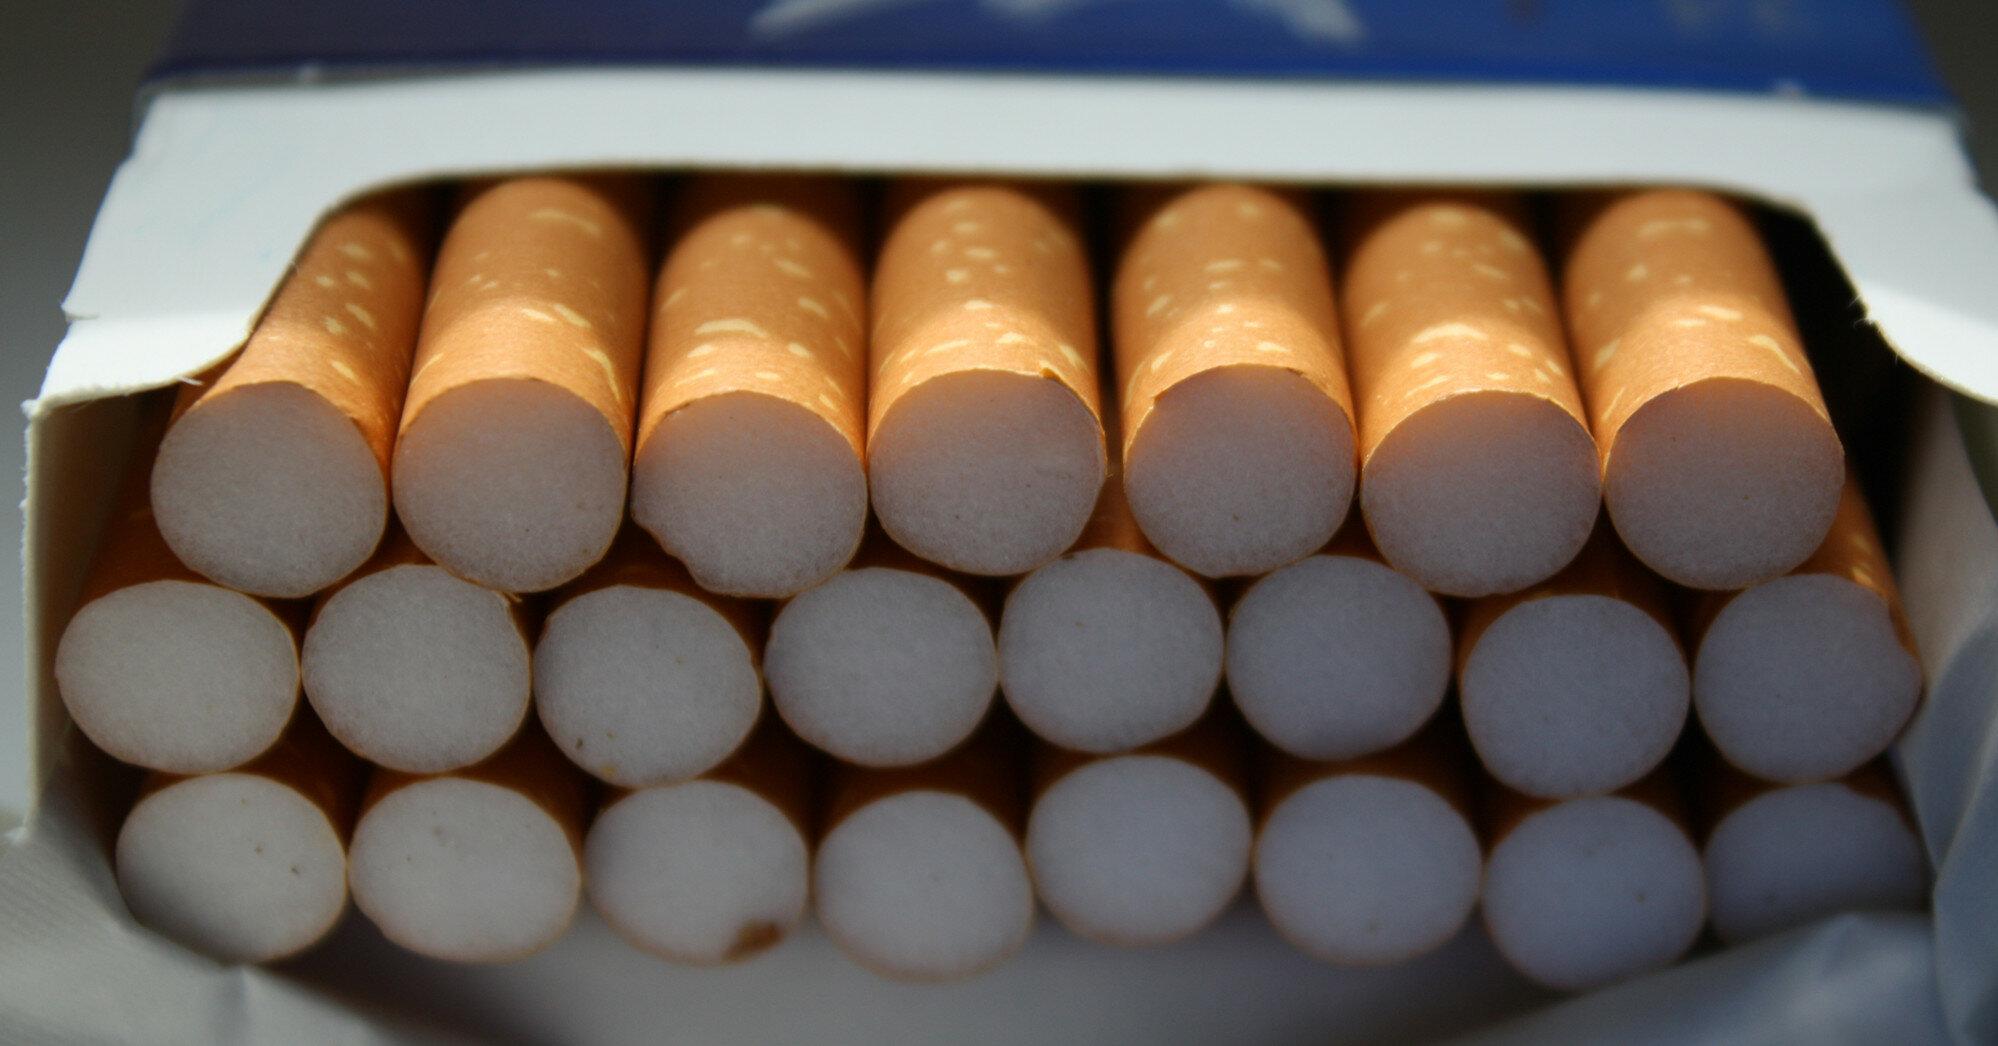 Фальсификат сигарет достиг рекордного показателя